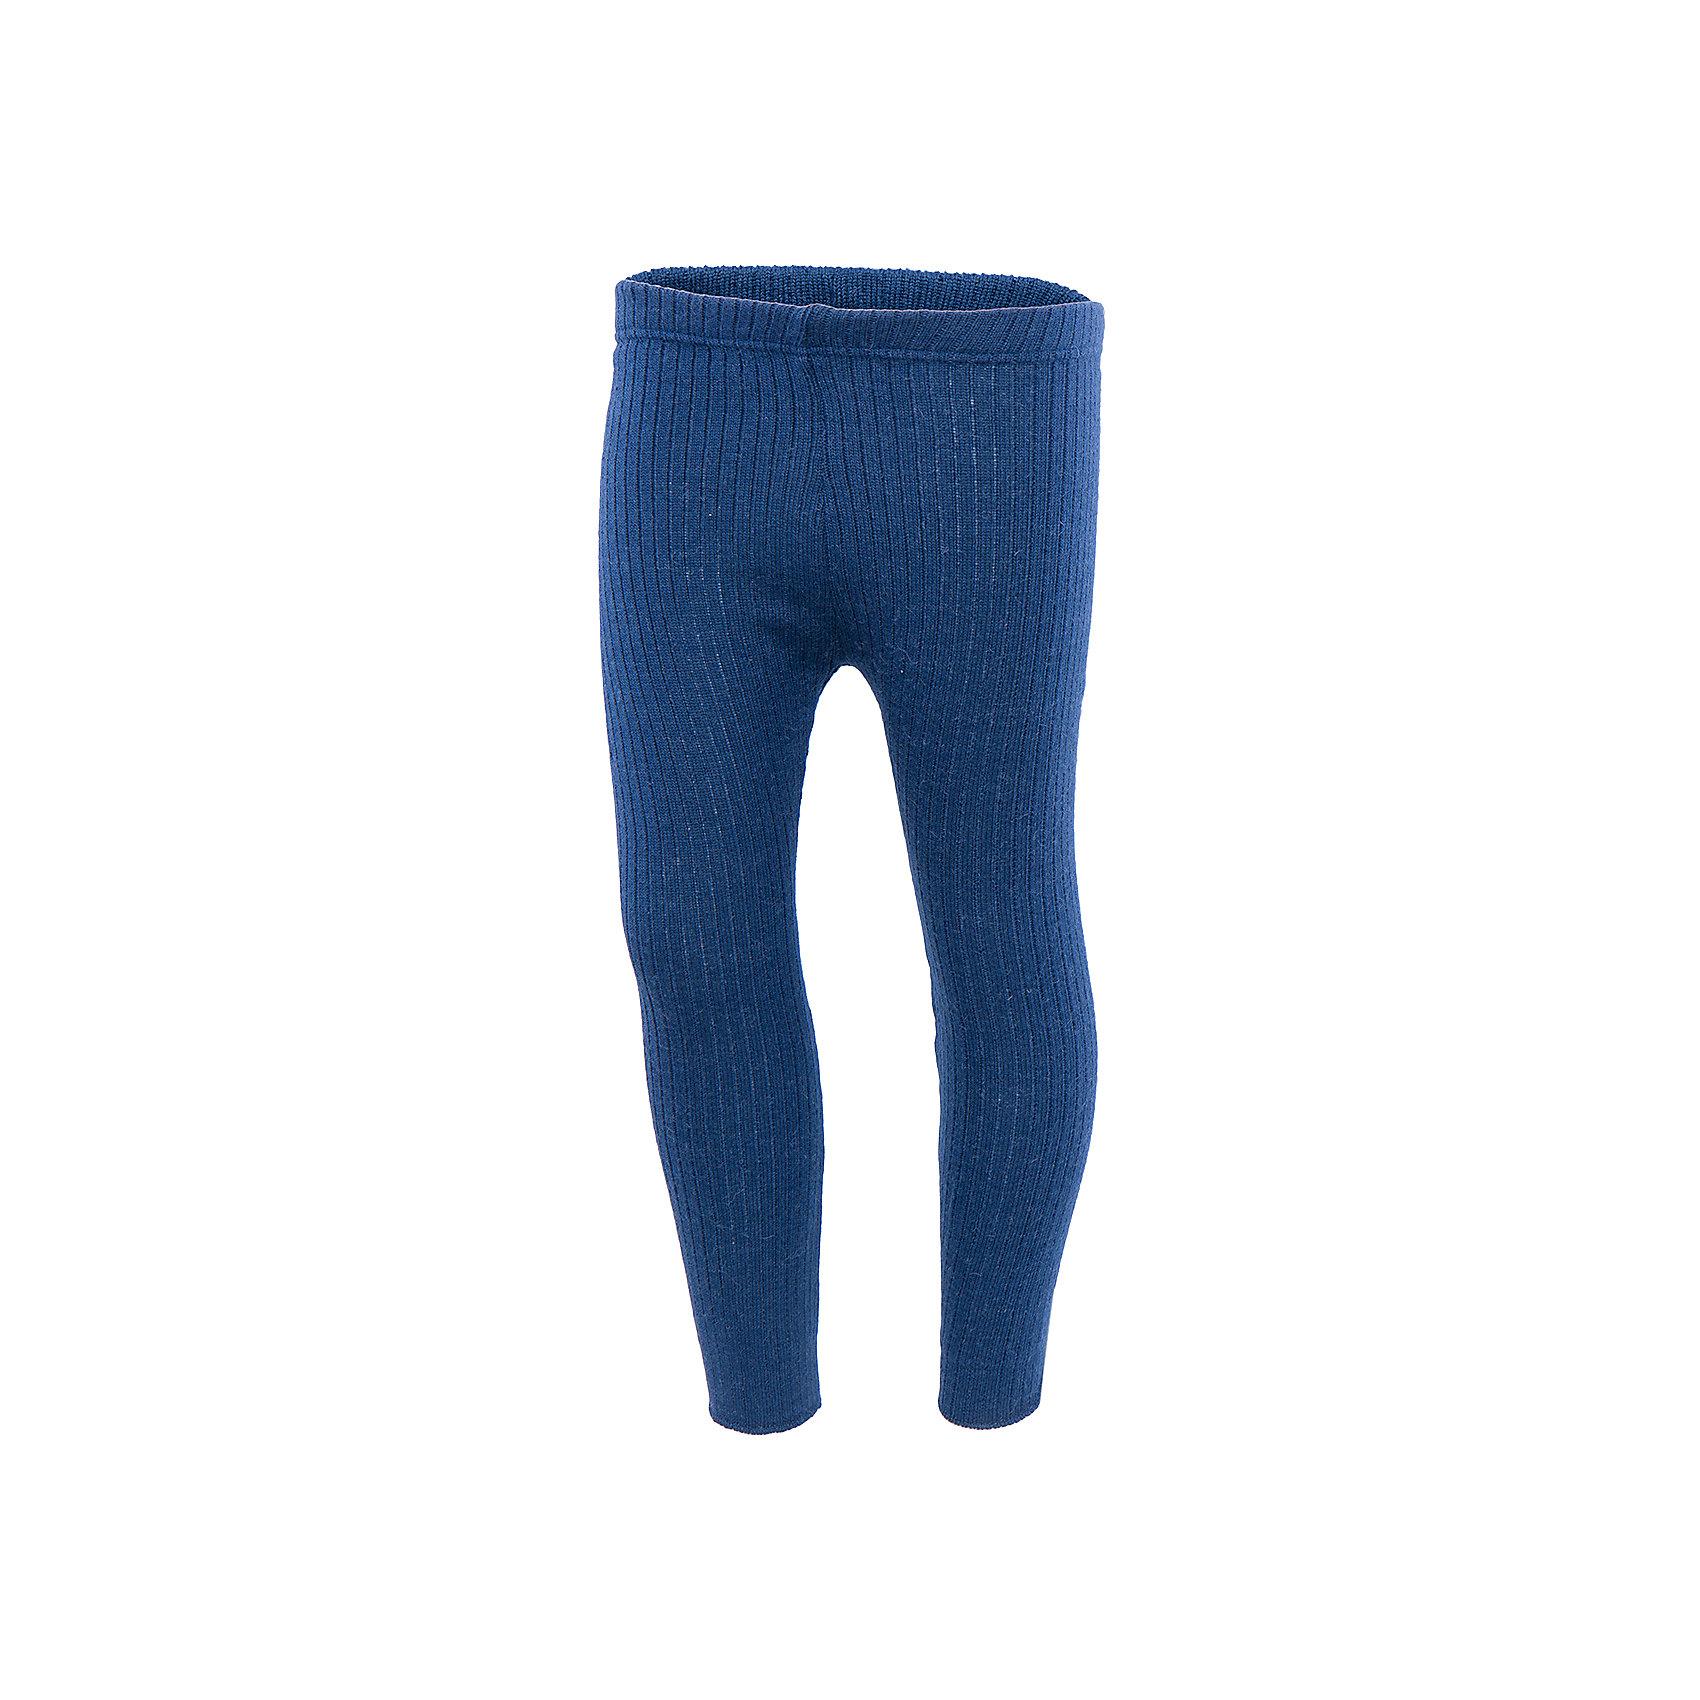 Леггинсы NorvegЛеггинсы<br>Леггинсы от известного бренда Norveg<br><br>Термолеггинсы от немецкой компании Norveg (Норвег) - это удобная и красивая одежда, которая обеспечит комфортную терморегуляцию тела и на улице, и в помещении. <br>Она сделана из шерсти мериноса (австралийской тонкорунной овцы), которая обладает гипоаллергенными свойствами, поэтому не вызывает раздражения, даже если надета на голое тело.<br><br>Отличительные особенности модели:<br><br>- цвет: синий;<br>- швы плоские, не натирают и не мешают движению;<br>- анатомические резинки;<br>- материал впитывает влагу и сразу выводит наружу;<br>- анатомический крой;<br>- подходит и мальчикам, и девочкам;<br>- не мешает под одеждой.<br><br>Дополнительная информация:<br><br>- Температурный режим: от - 35° С  до +5° С.<br><br>- Состав: 100% шерсть мериноса<br><br>Леггинсы Norveg (Норвег) можно купить в нашем магазине.<br><br>Ширина мм: 123<br>Глубина мм: 10<br>Высота мм: 149<br>Вес г: 209<br>Цвет: синий<br>Возраст от месяцев: 12<br>Возраст до месяцев: 15<br>Пол: Унисекс<br>Возраст: Детский<br>Размер: 128,116,92,152,80/86,140,104<br>SKU: 4224504